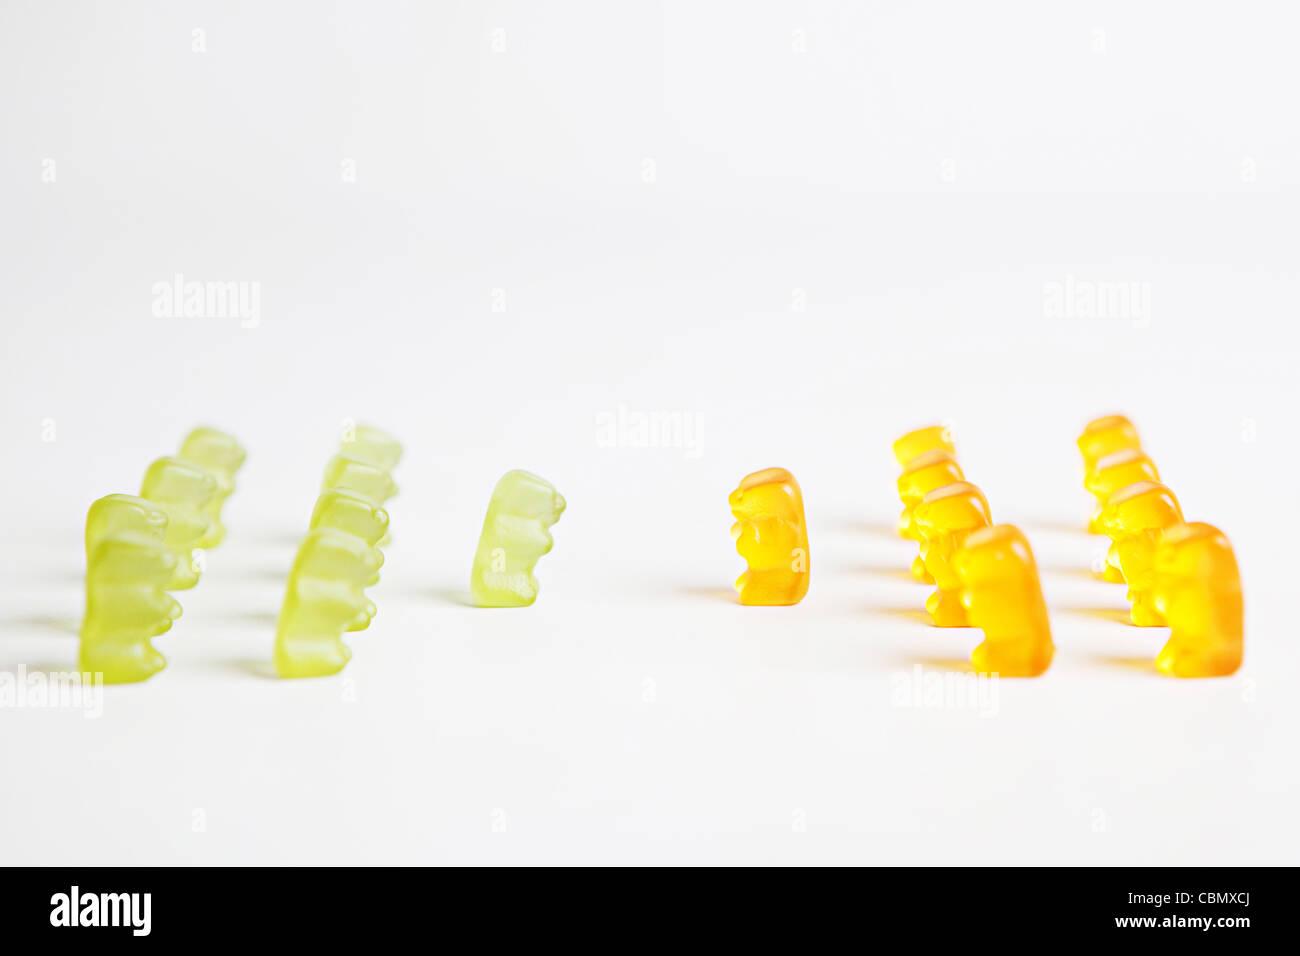 Deux rangées de vert et orange ours gommeux en face de l'autre, de donner un message conceptuel sur le leadership Banque D'Images